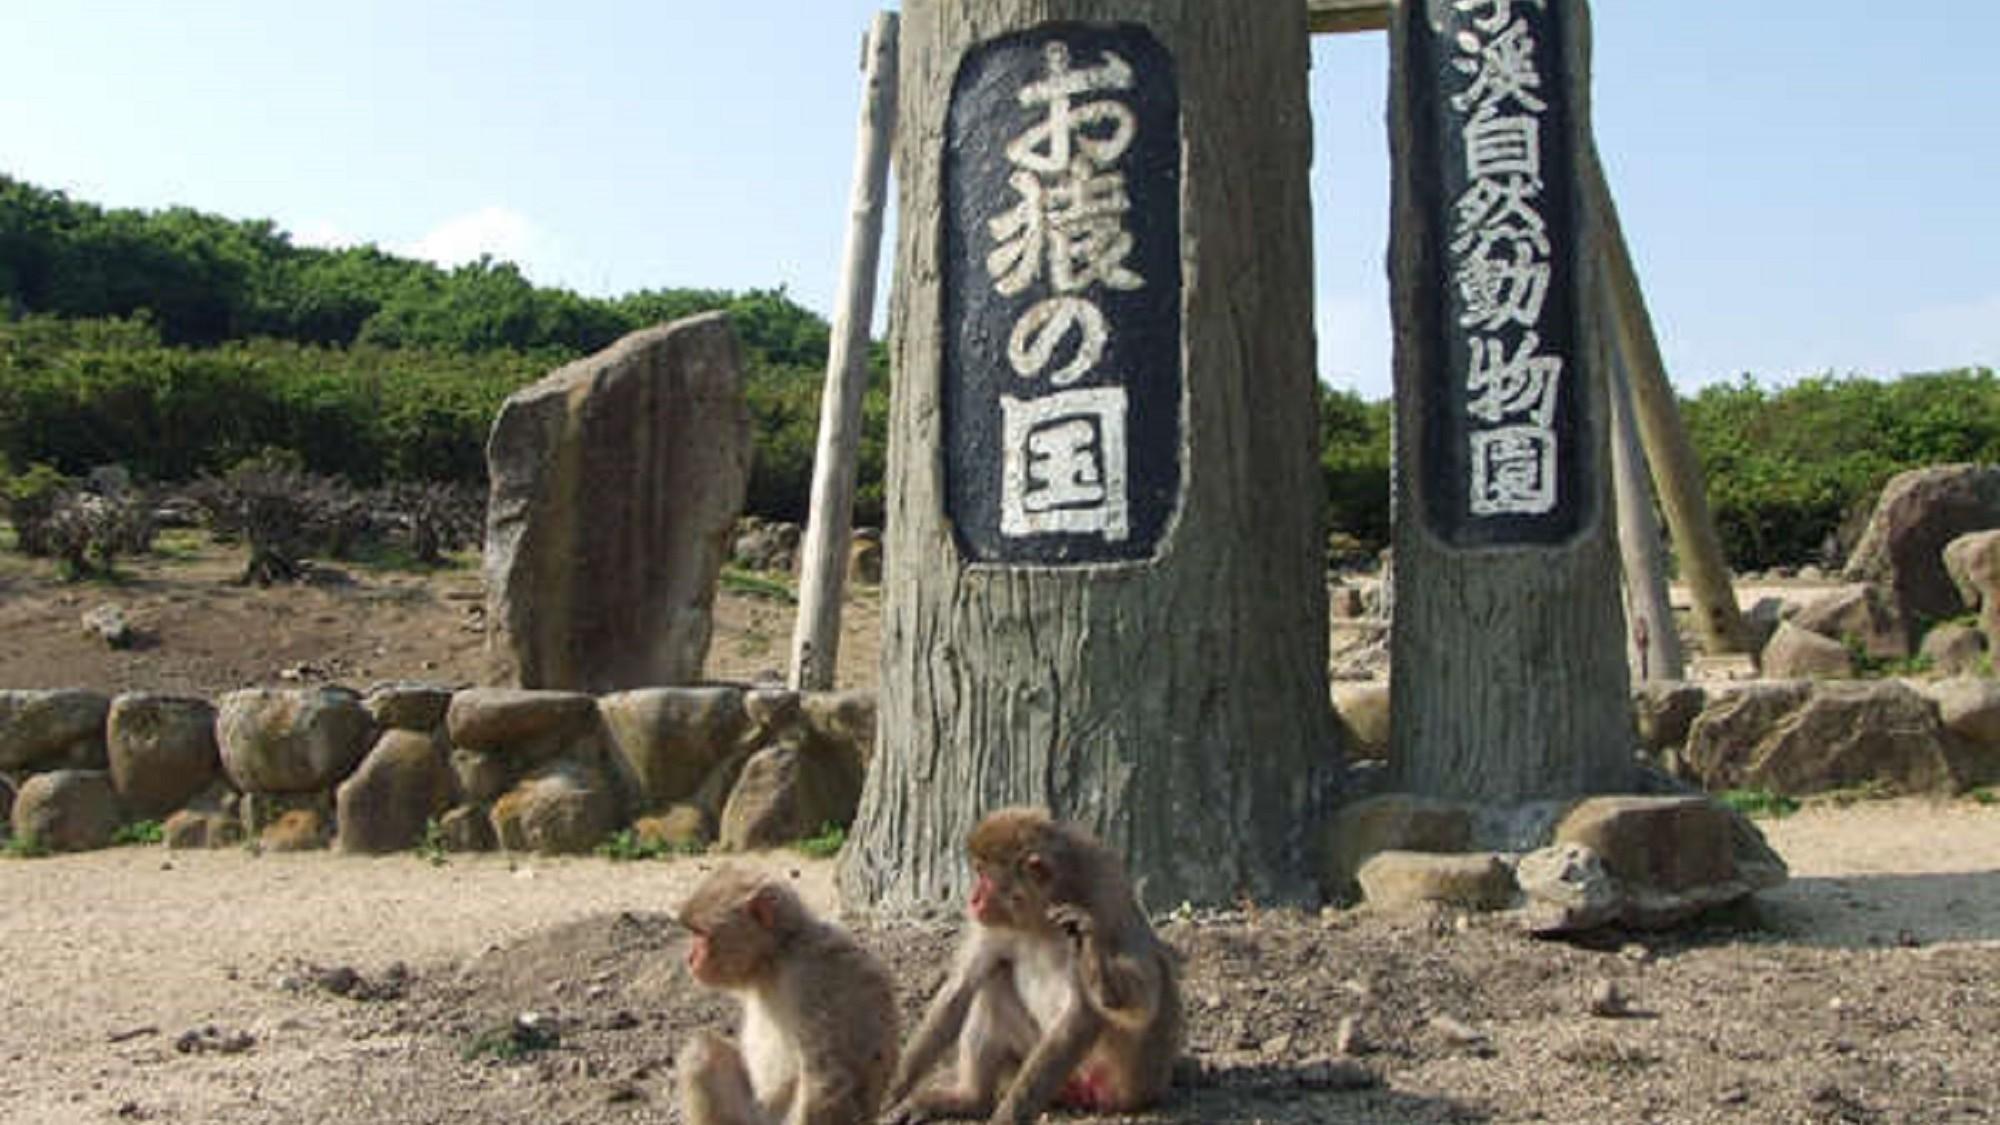 銚子渓お猿の国